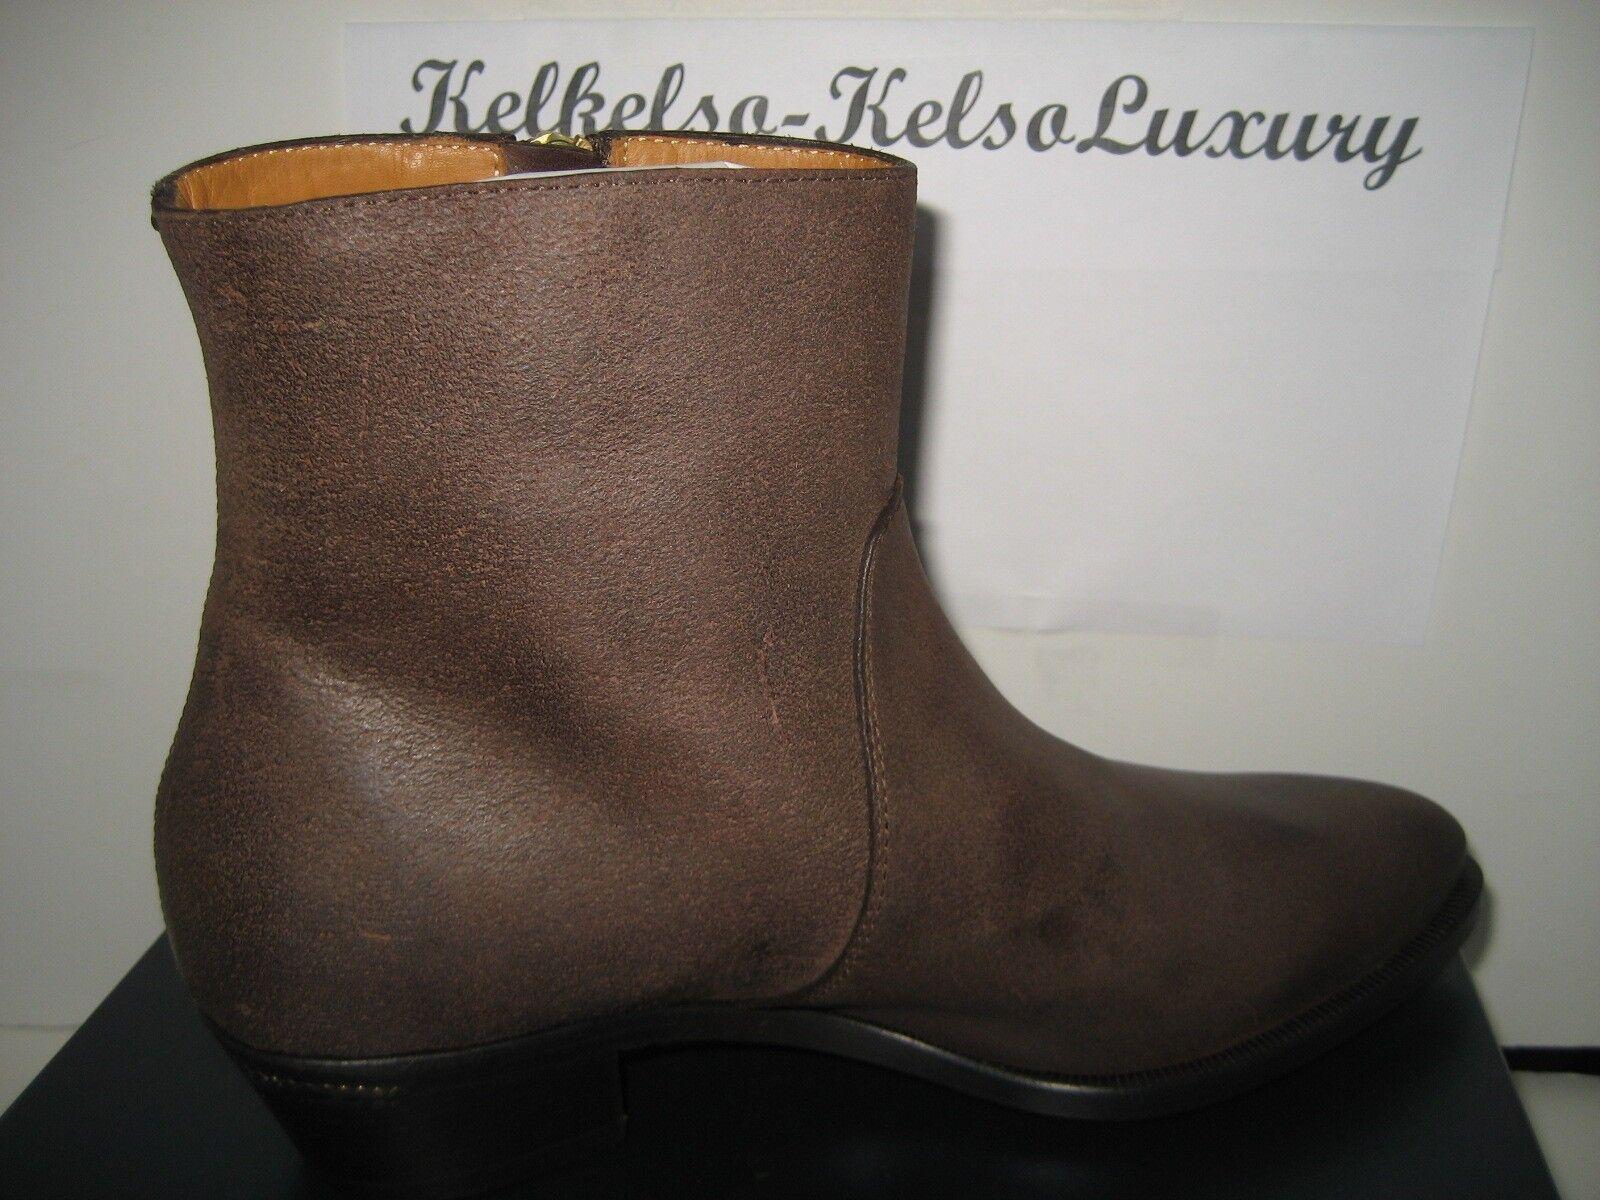 795 NEW RALPH LAUREN COLLECTION US 7.5 marron marron marron Suede Ninette Ankle bottes  BX 5f1a02